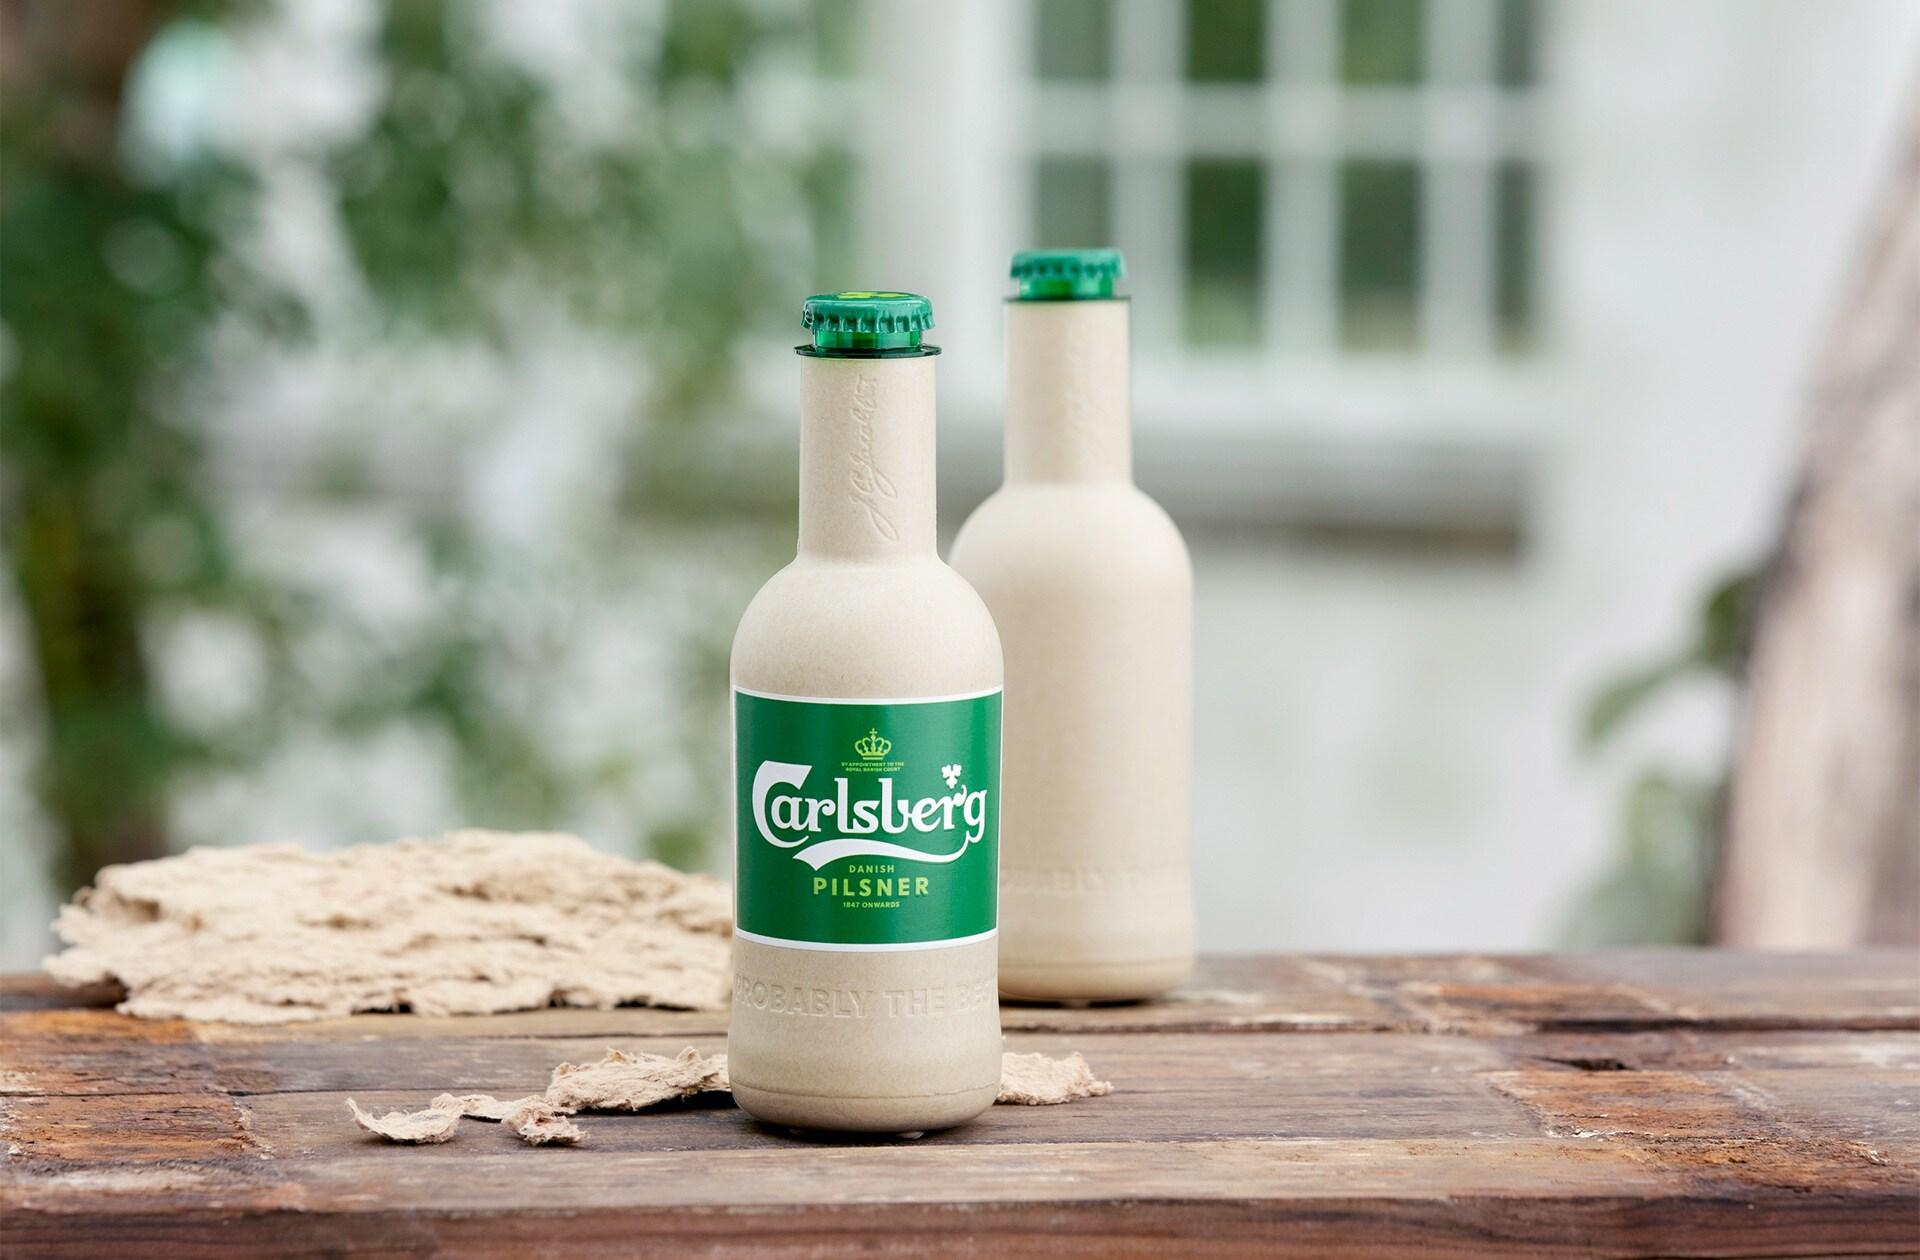 Vizija projekta Green Fibre Bottle je ponuditi prvo steklenico piva na naravni osnovi. Izdelana je iz naravnih lesnih vlaken iz certificiranih trajnostnih virov in jo je mogoče v celoti reciklirati.